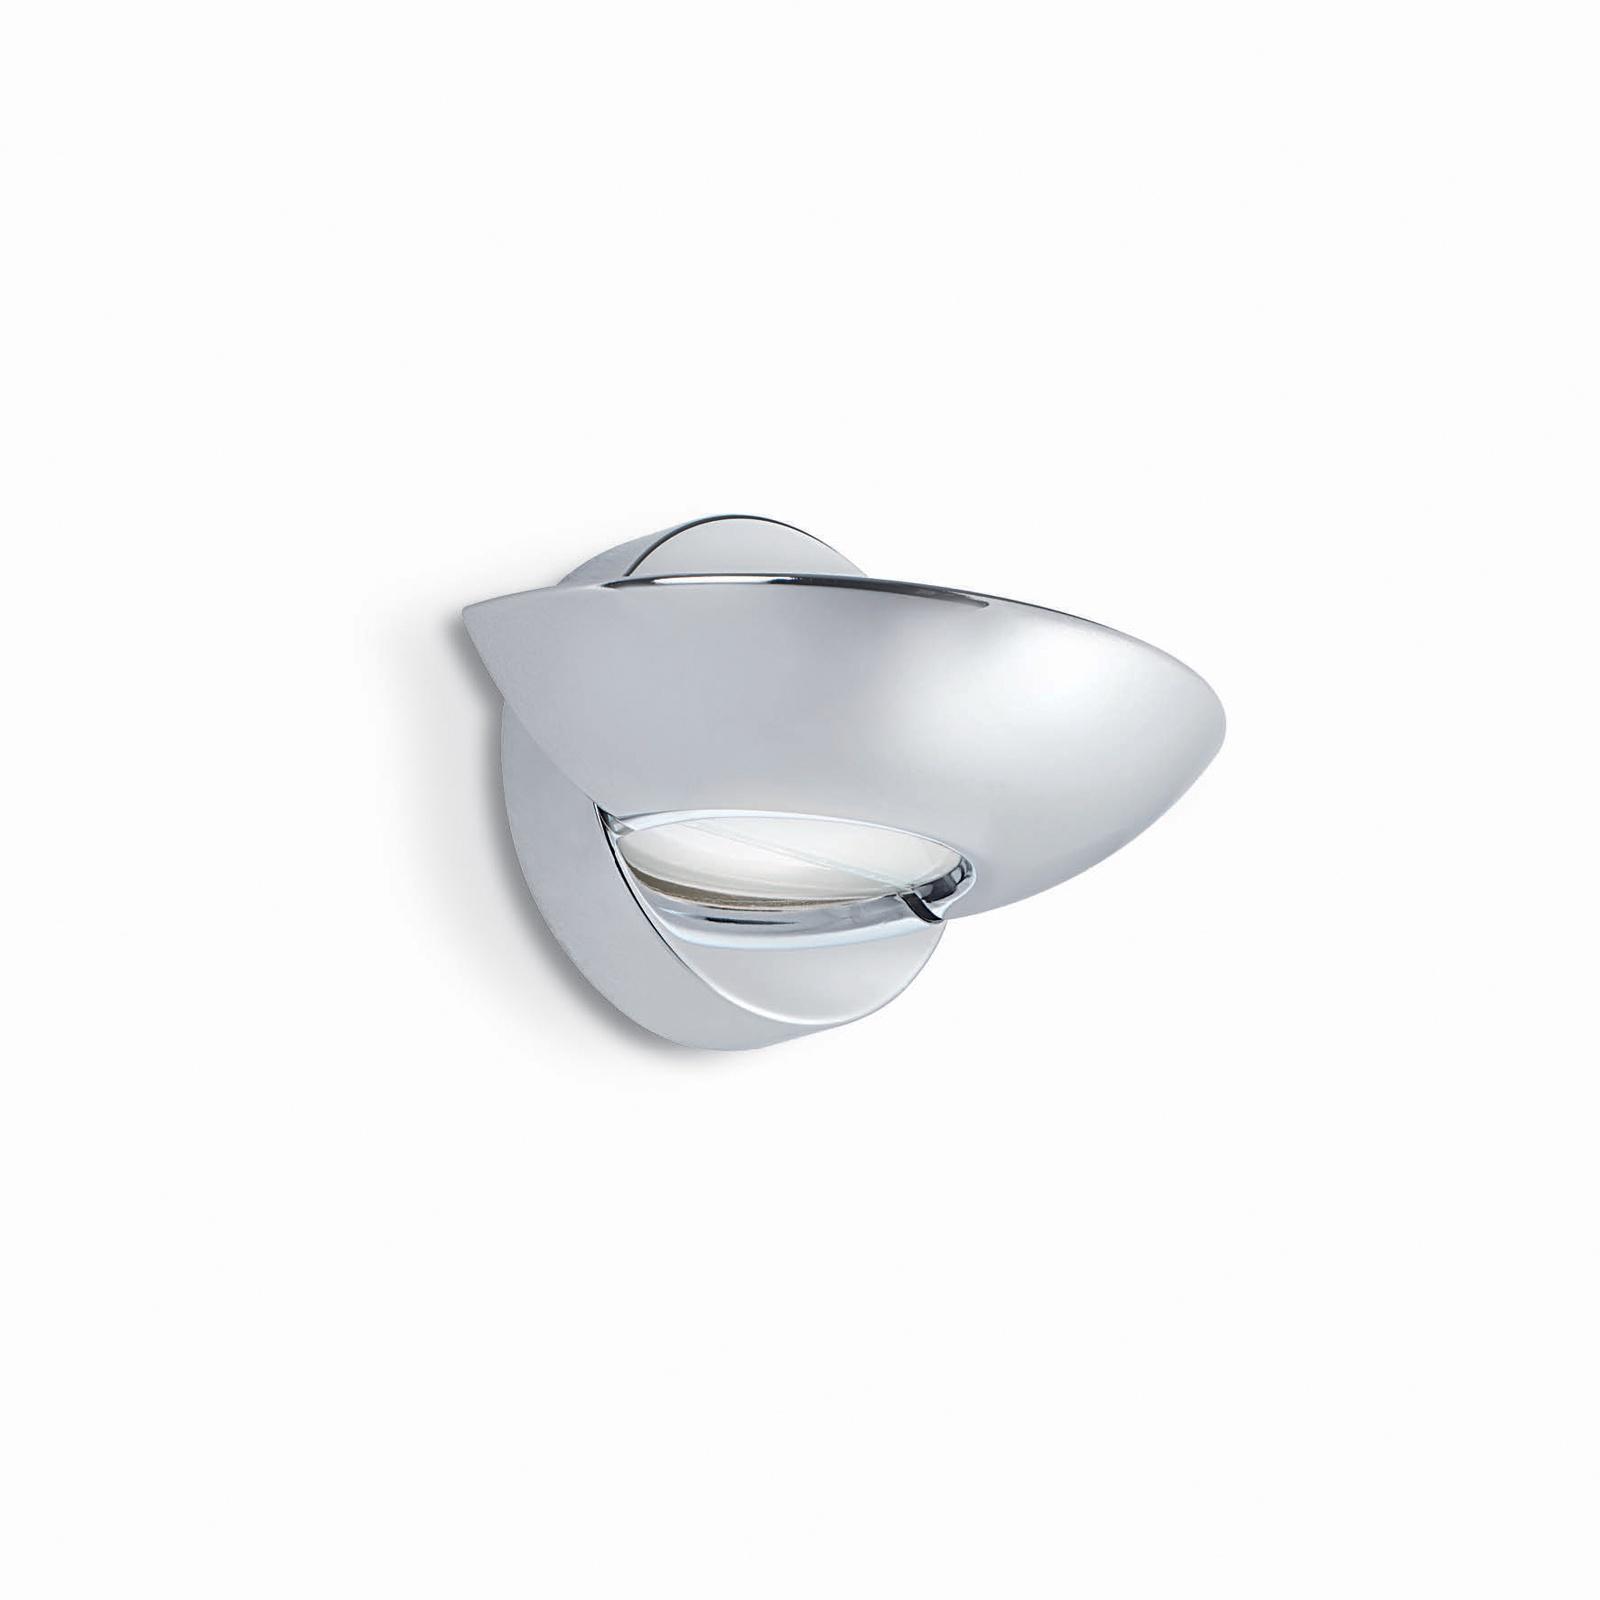 Настенный светильник Ideal Lux AP1 CROMO светильник ideal lux cono cono sp4 cromo